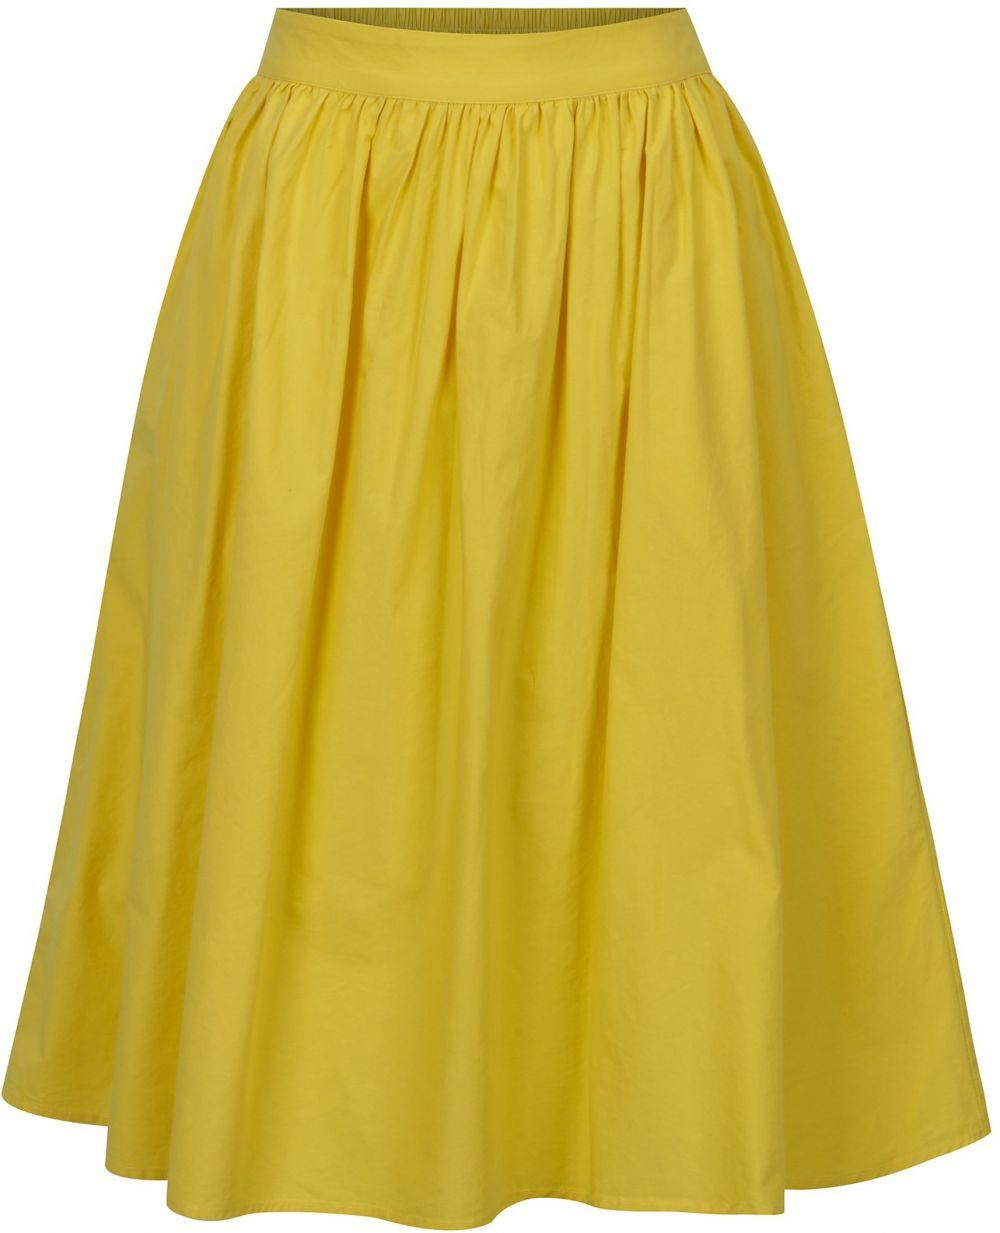 25c1a20e9269 Žltá sukňa VERO MODA Ladina značky Vero Moda - Lovely.sk